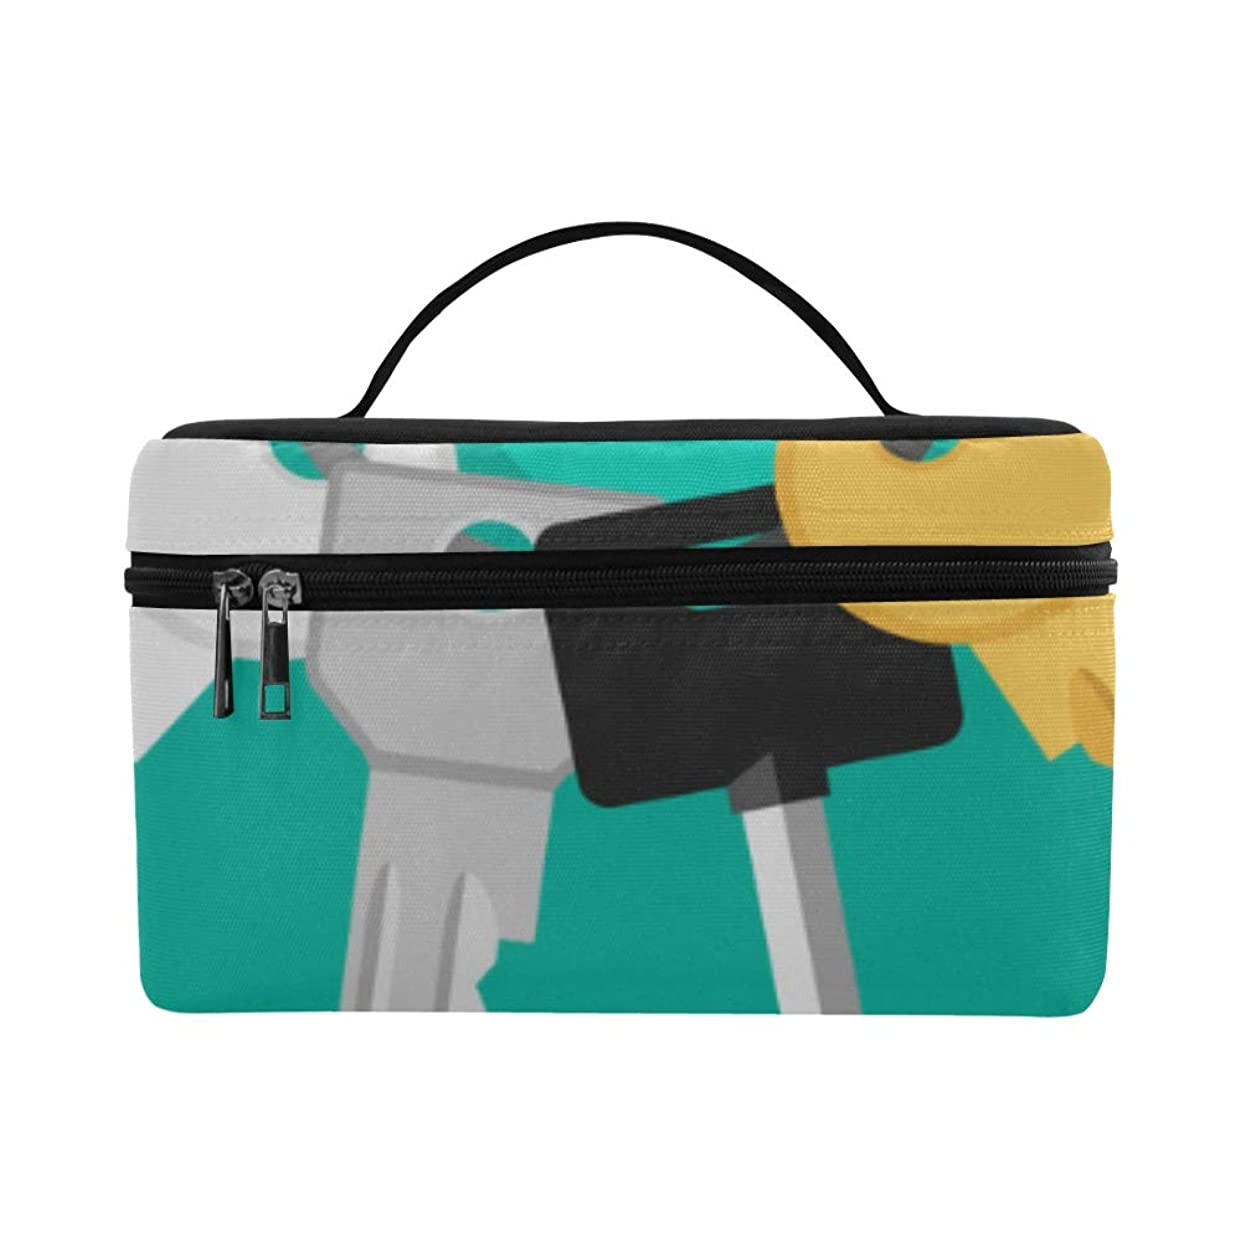 極貧自分引くGXMAN メイクボックス 鍵 コスメ収納 化粧品収納ケース 大容量 収納ボックス 化粧品入れ 化粧バッグ 旅行用 メイクブラシバッグ 化粧箱 持ち運び便利 プロ用